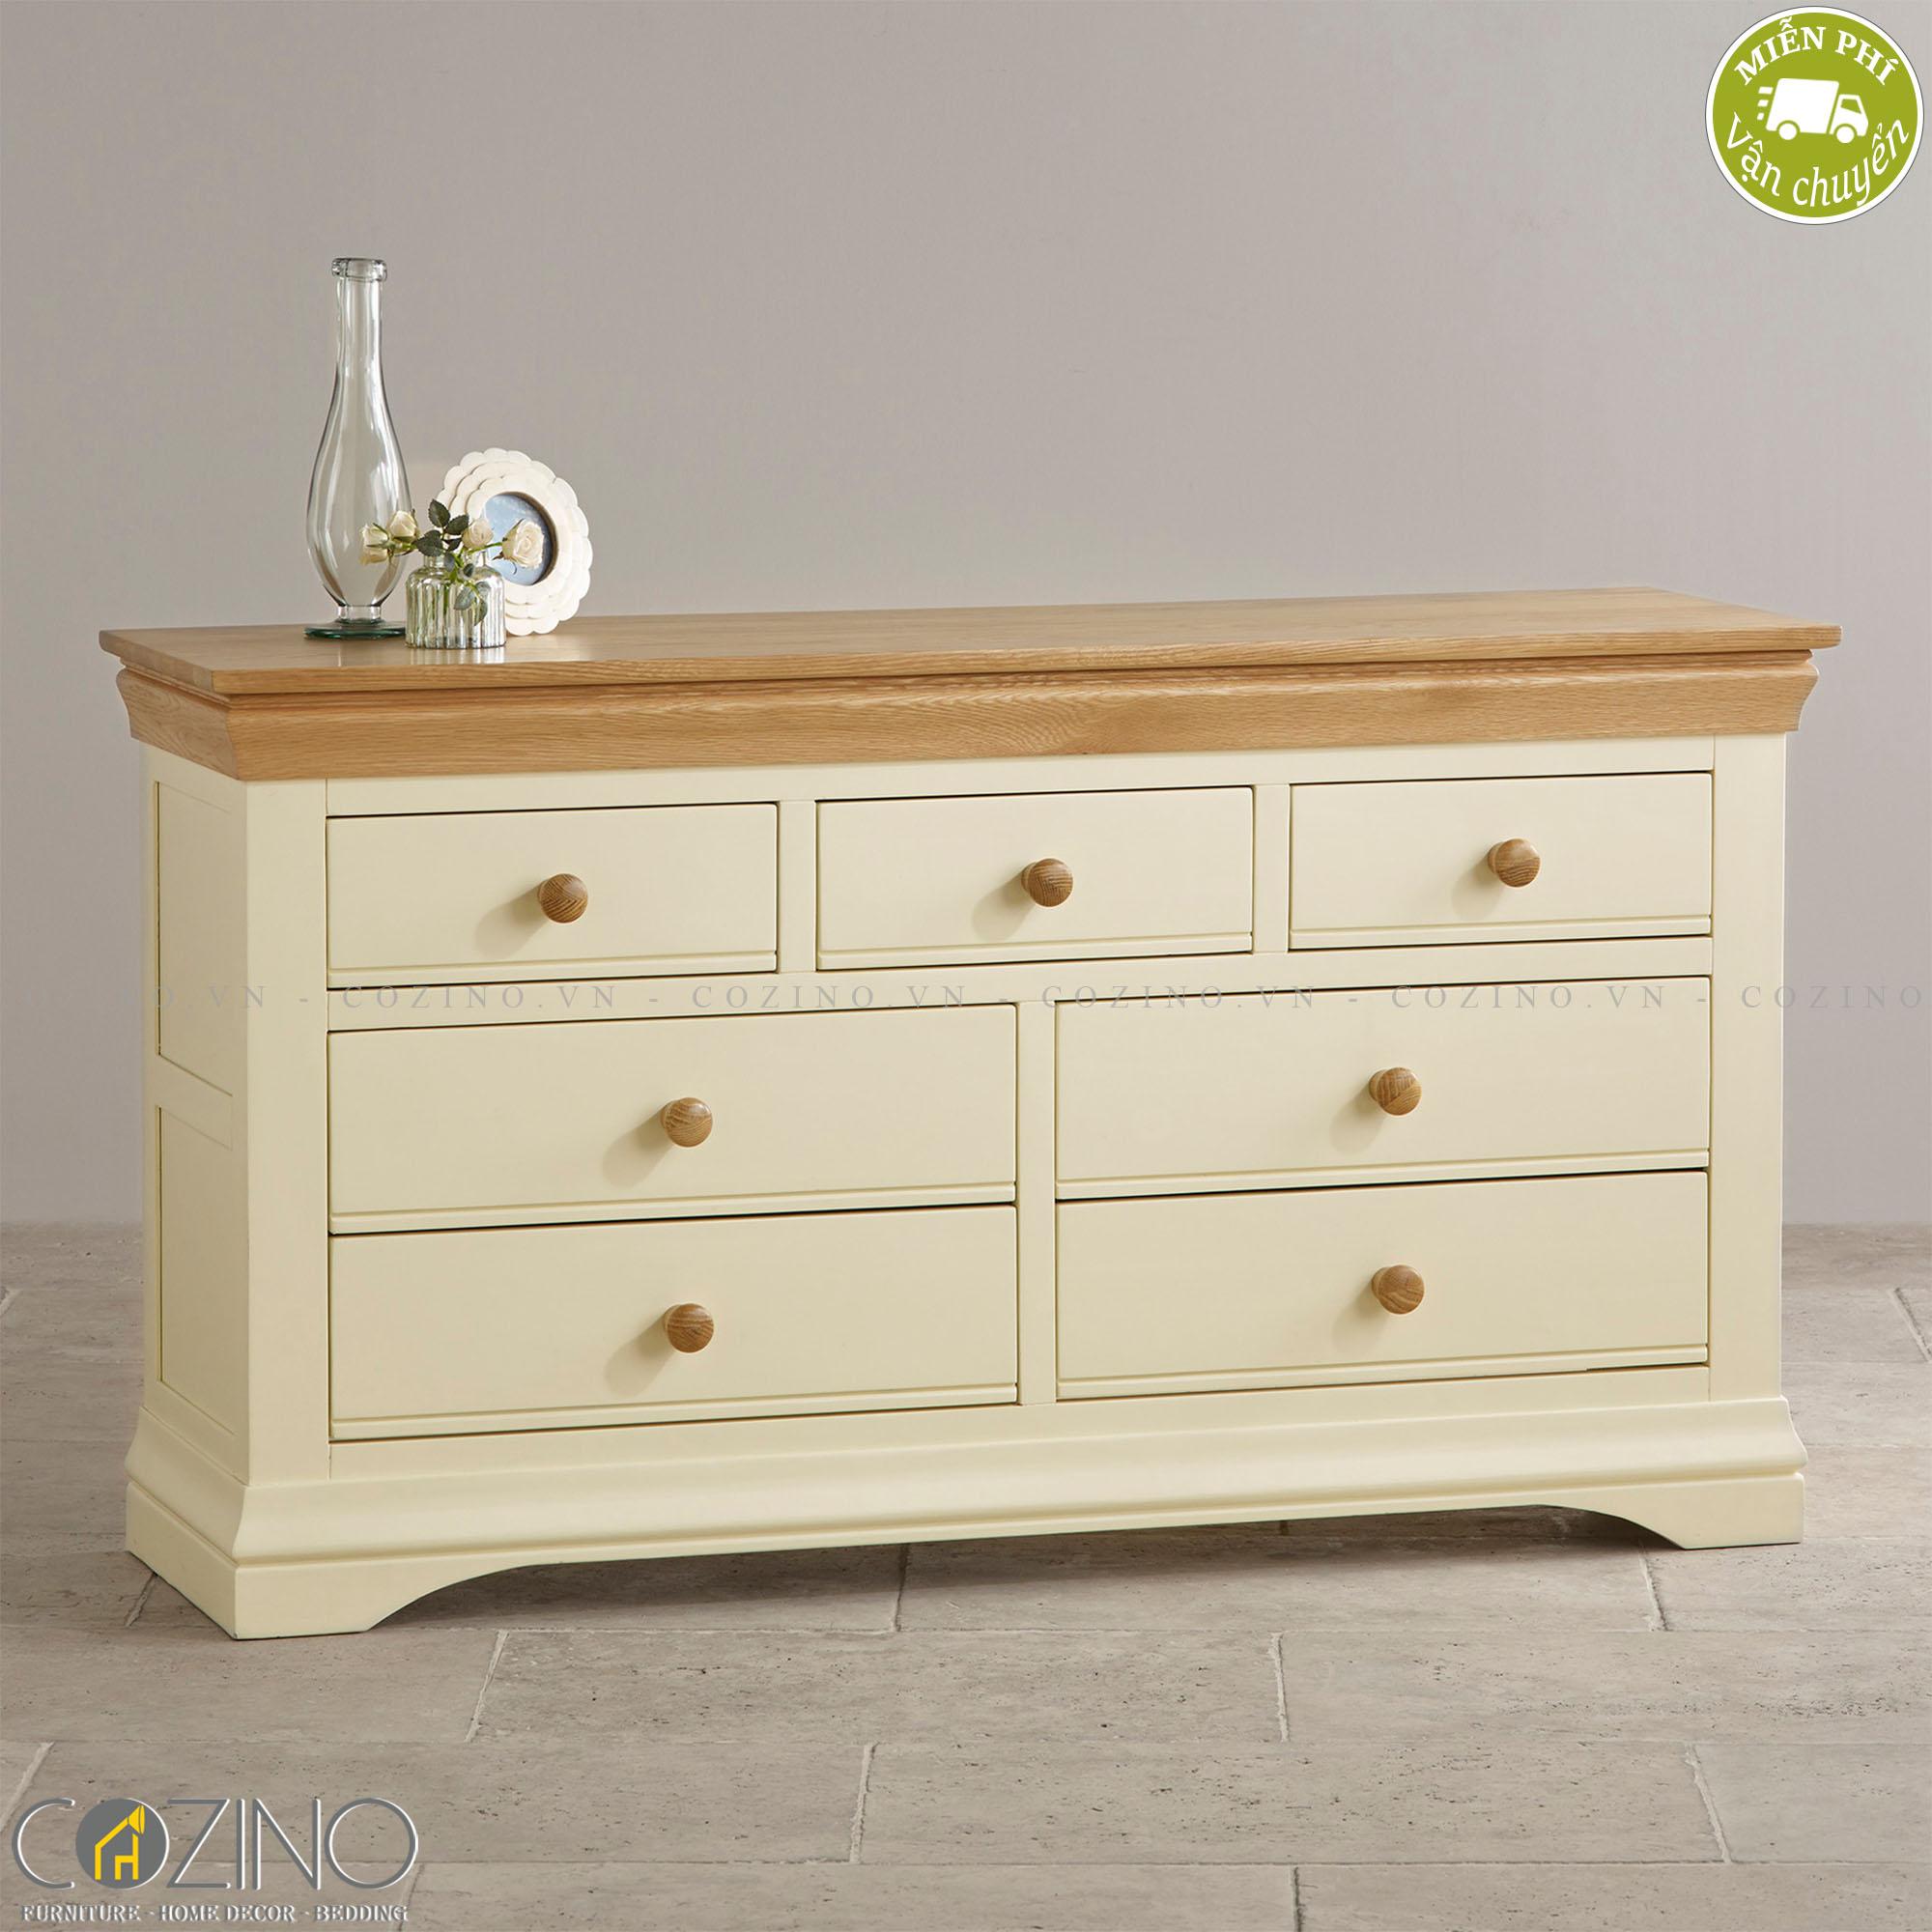 Tủ ngăn kéo ngang Canary 7 hộc gỗ sồi - Cozino